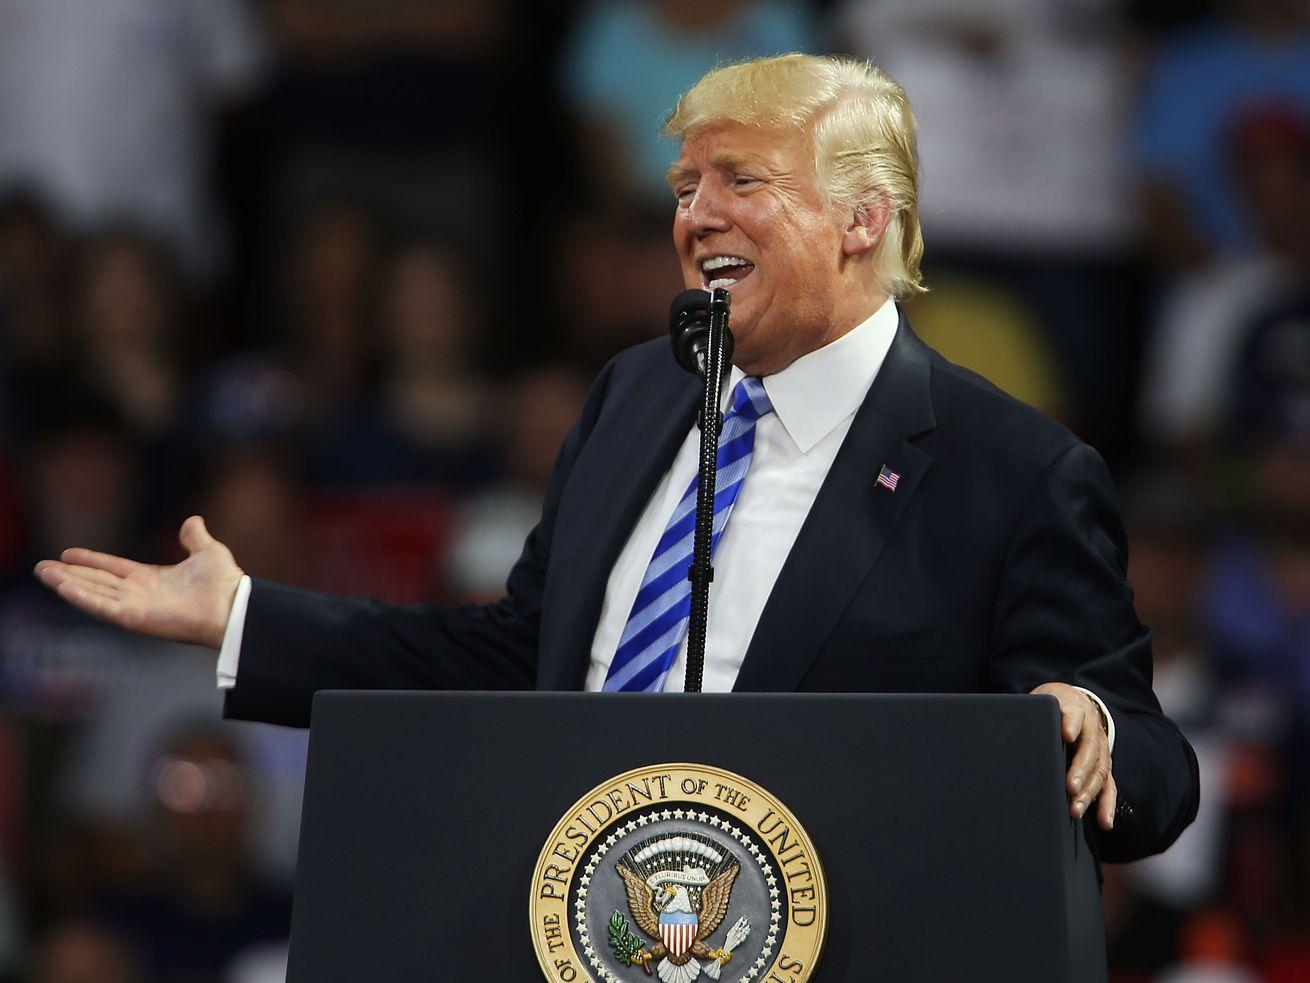 Donald Trump standing at a podium.